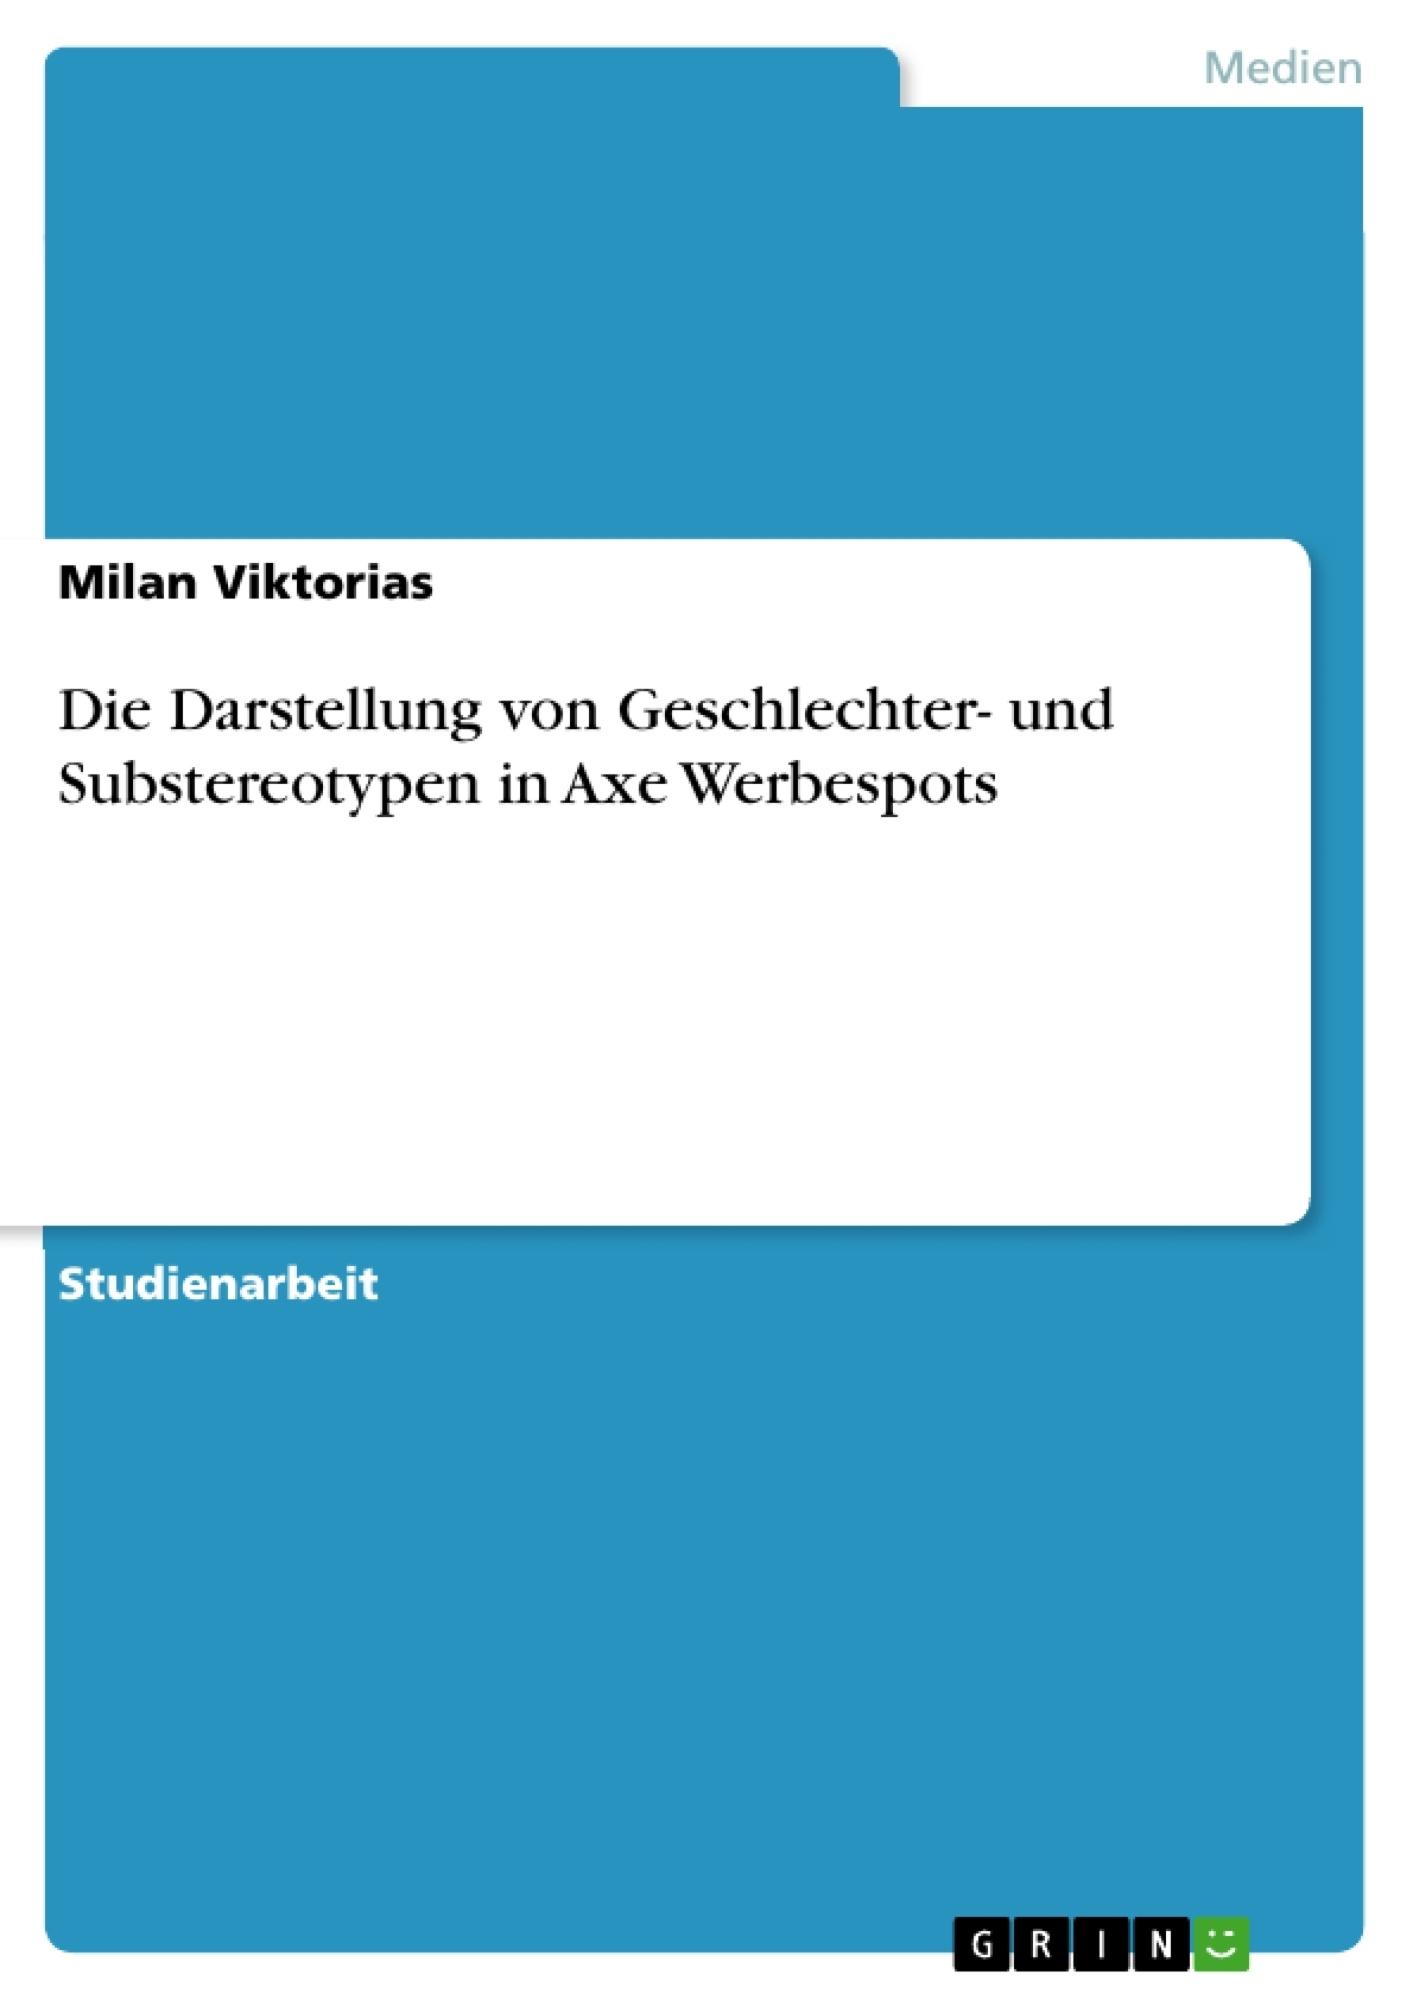 Titel: Die Darstellung von Geschlechter- und Substereotypen in Axe Werbespots